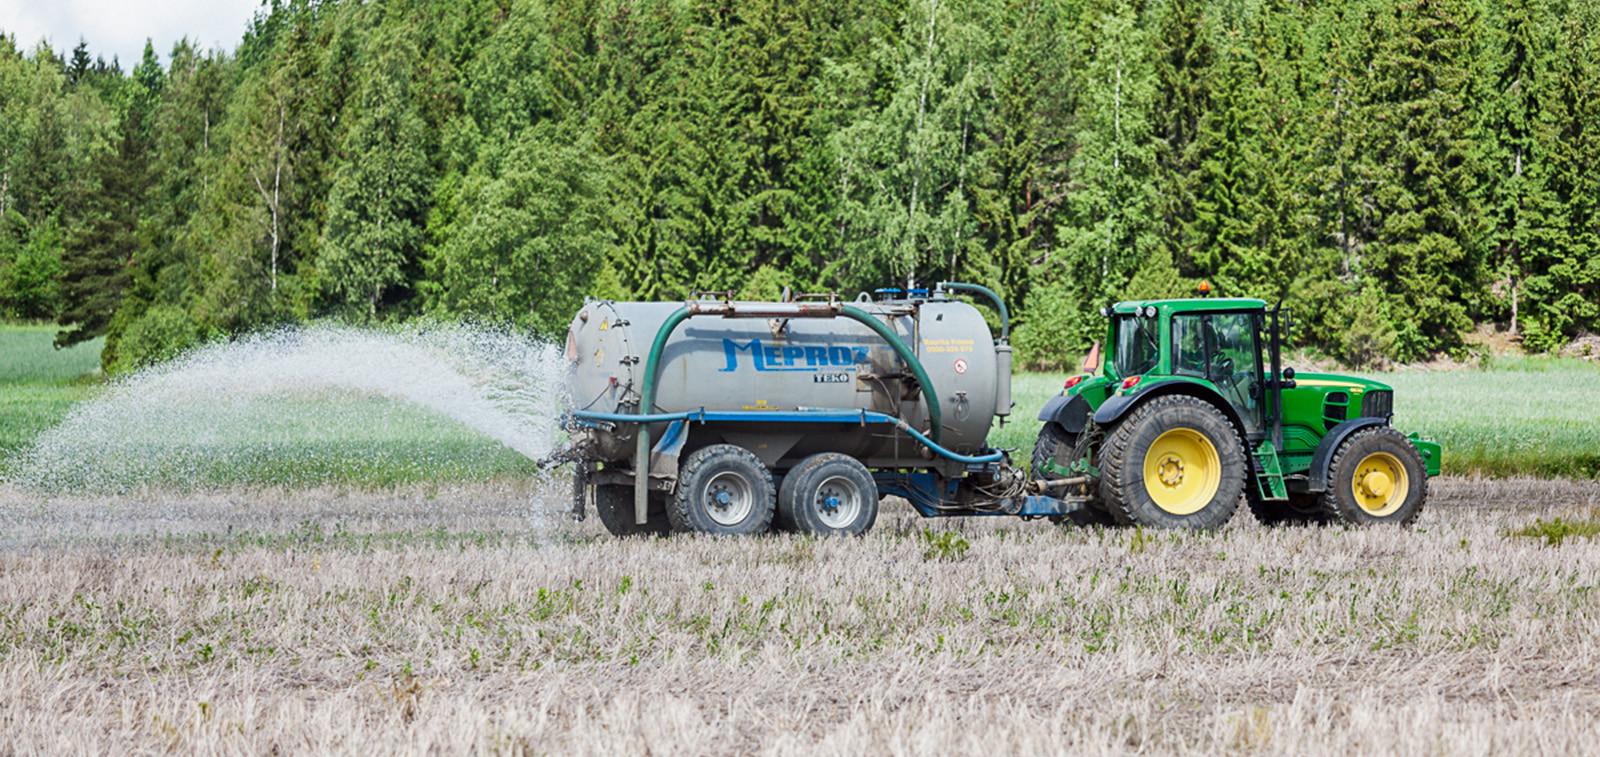 Traktori levittää perävaunusta lietettä pellolle